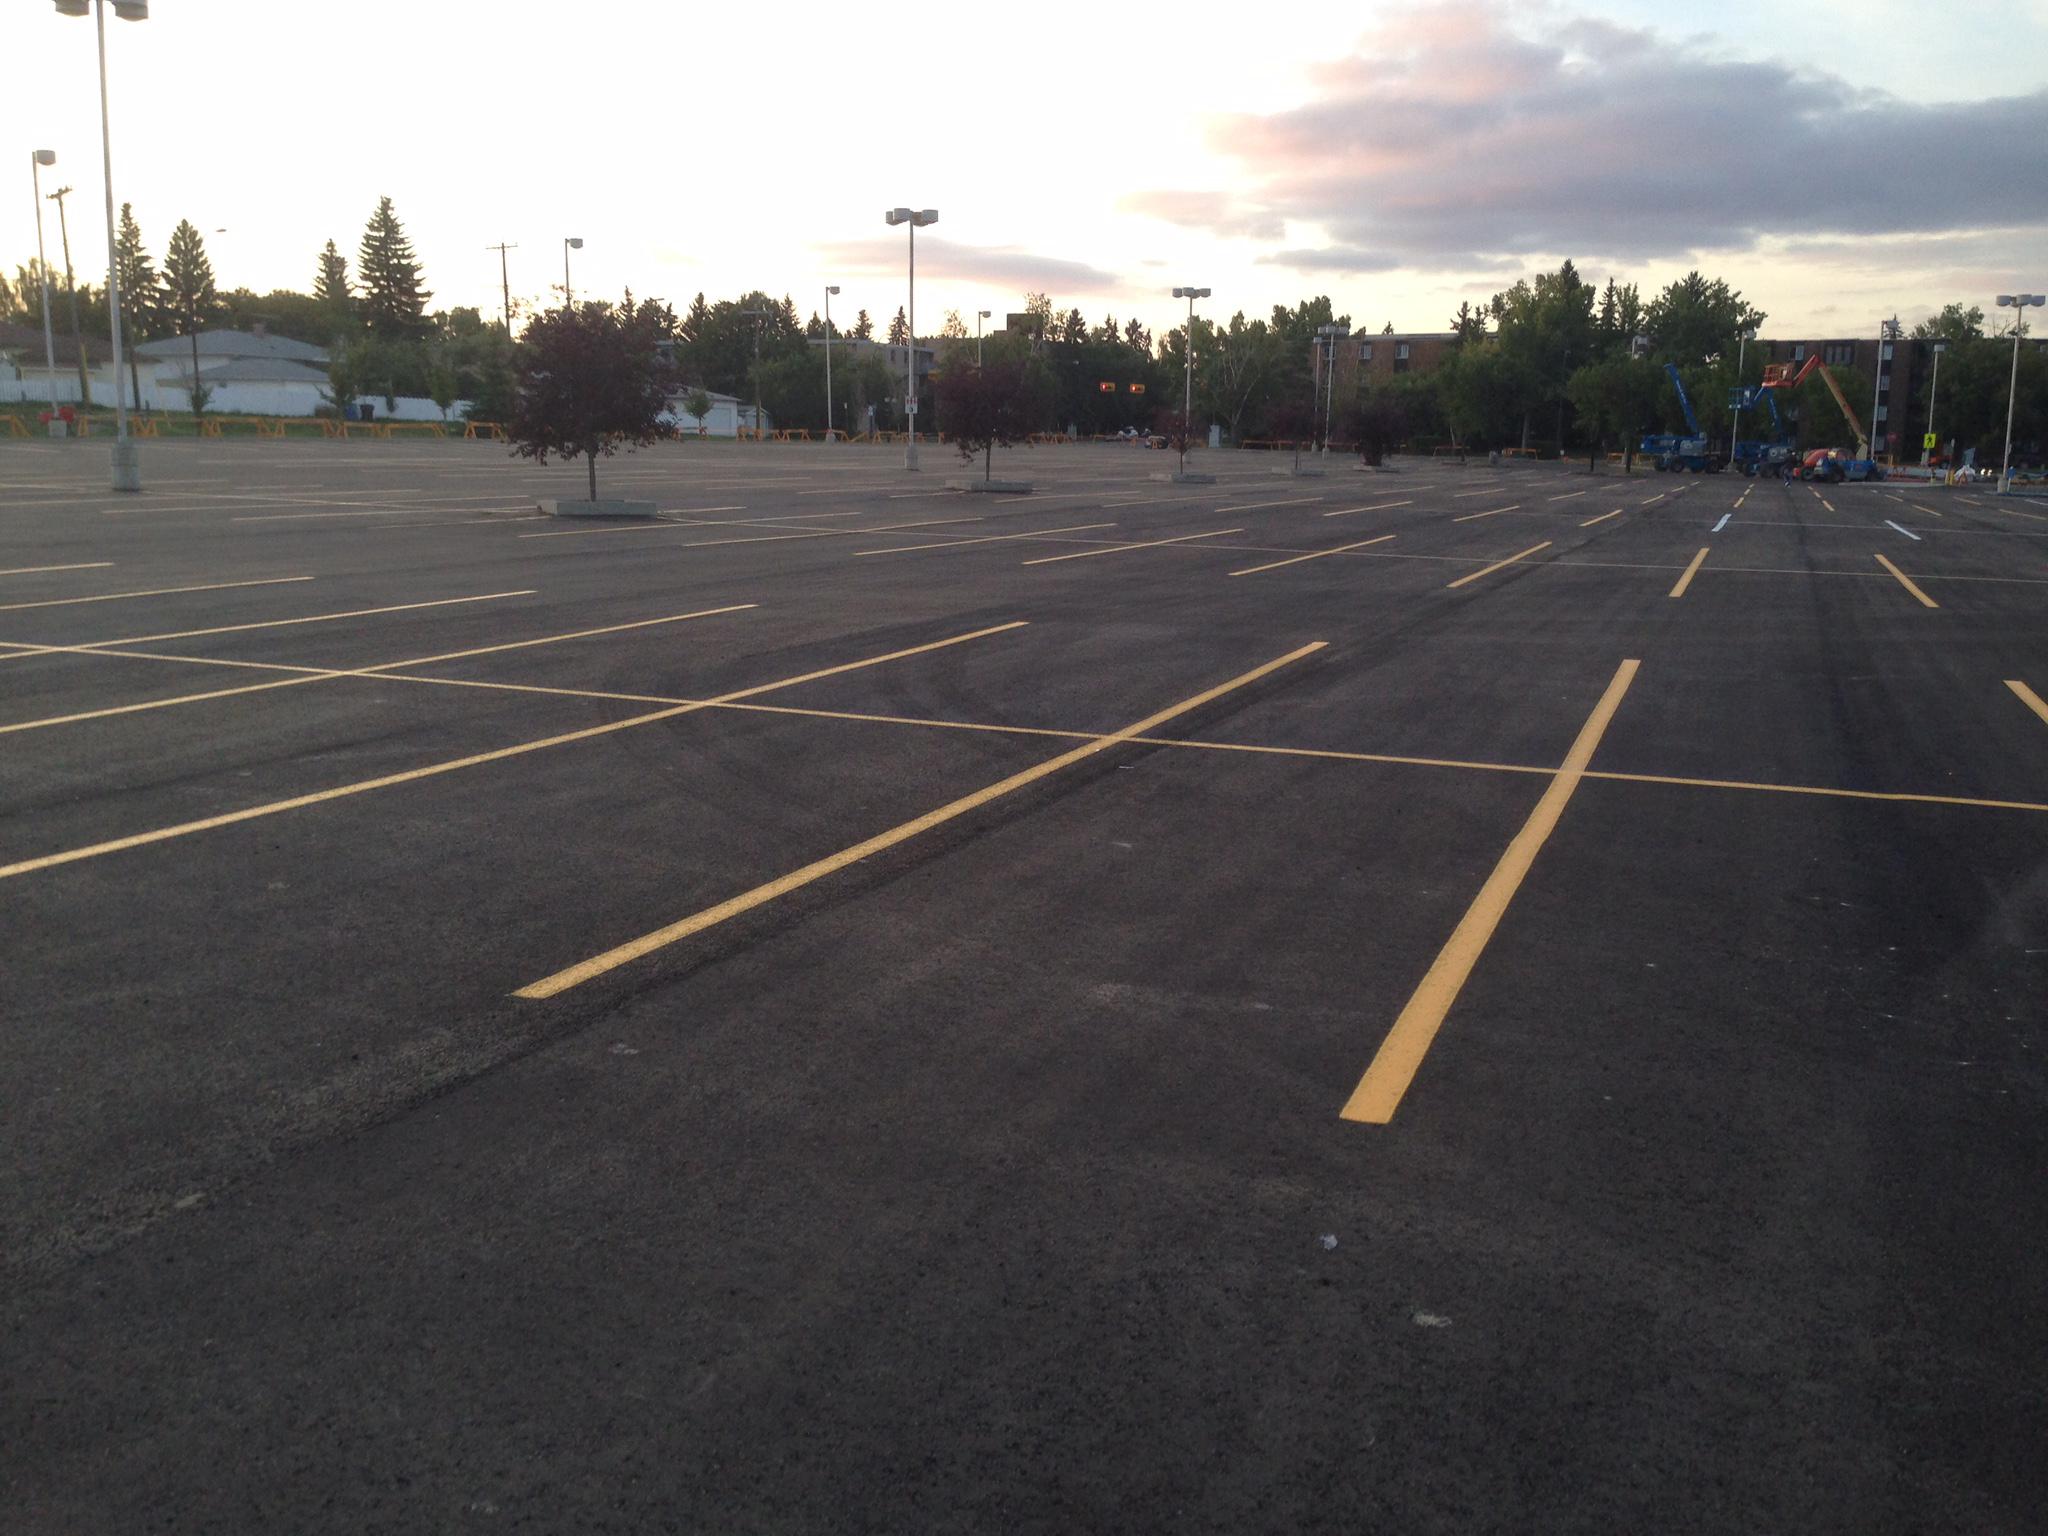 Parking lot lines